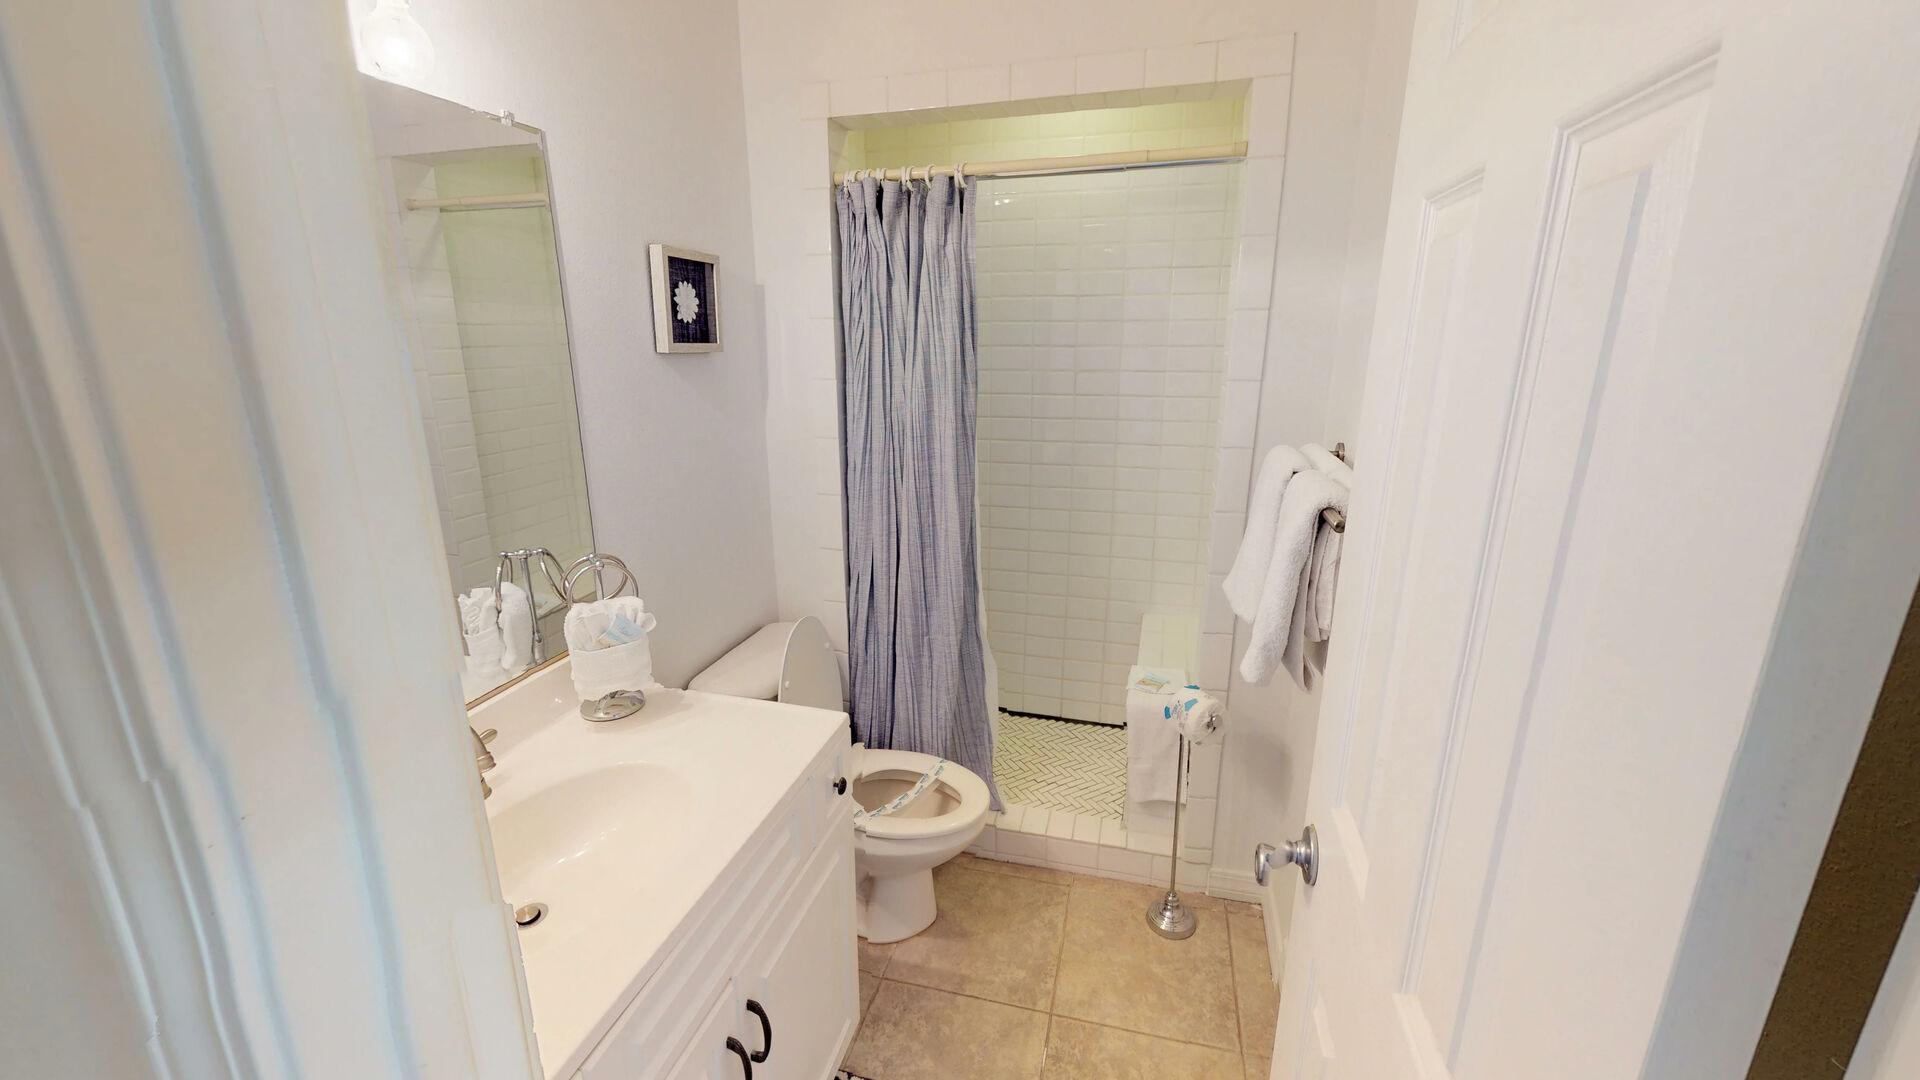 First floor hall bathroom